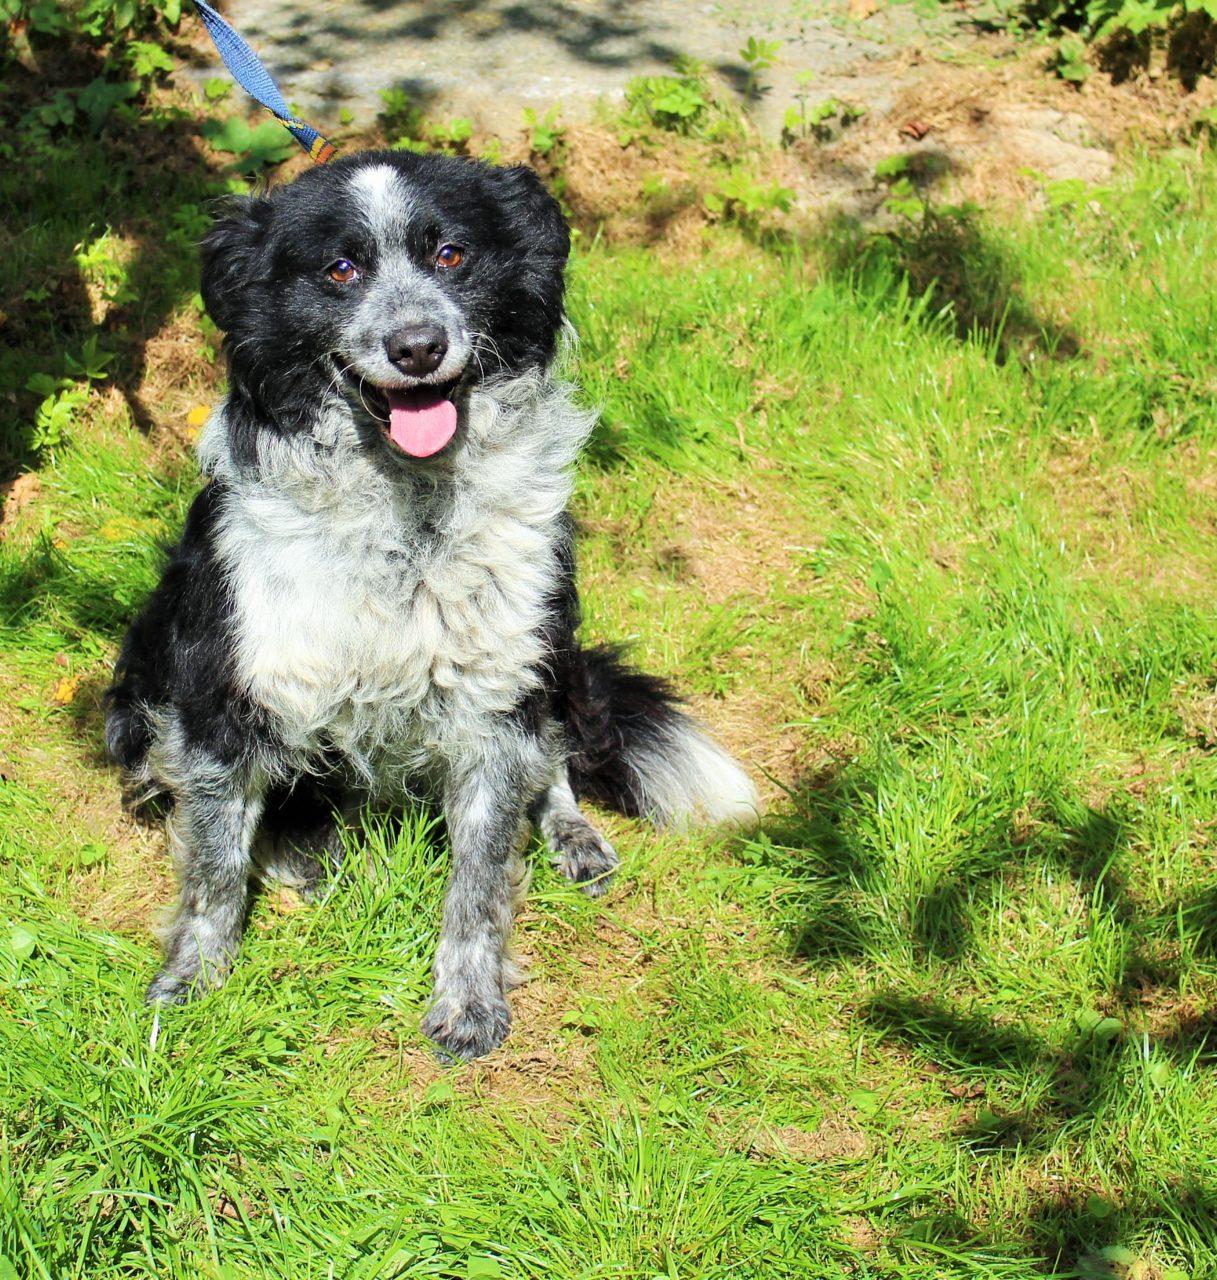 Pieski czekają na adopcję i nowy dom: